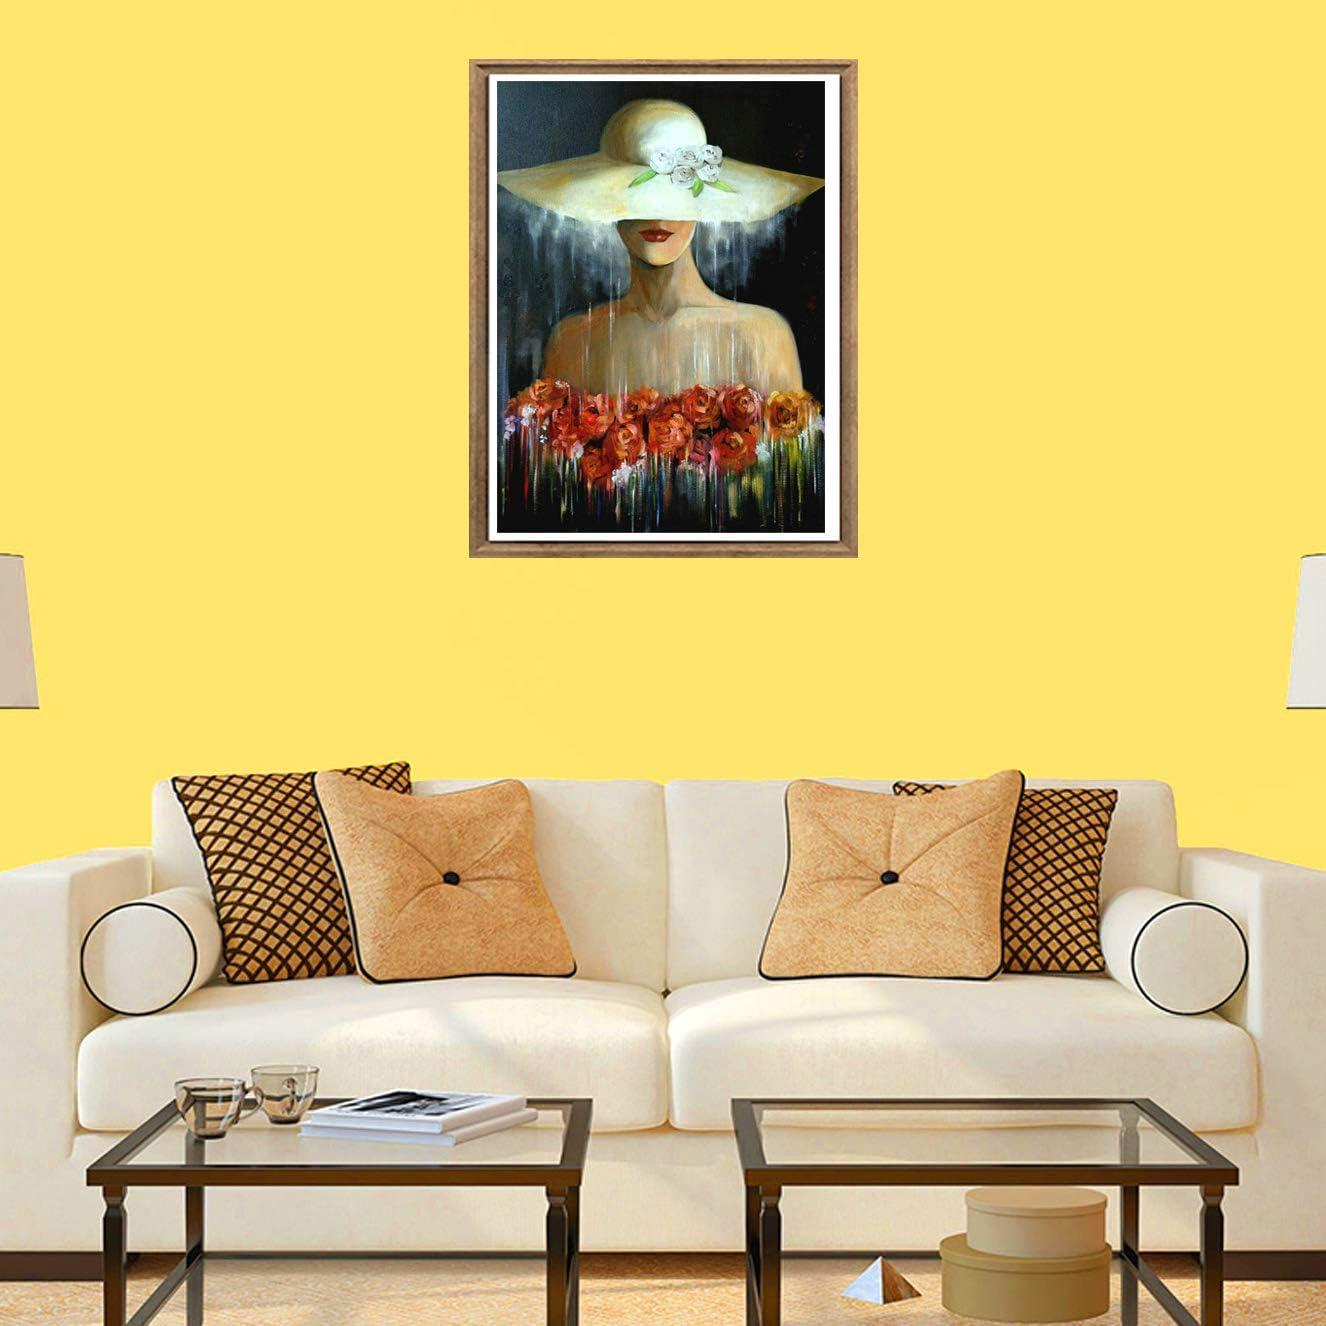 Rose Pittura Astratta Pittura Diamante Punto Croce Strass Arte E Creazione Di Mosaico Decorazione Murale Artigianale 30x40 cm Bimkole 5d Diamond Painting Kit Completo Fai da Te Cappello Di Bellezza